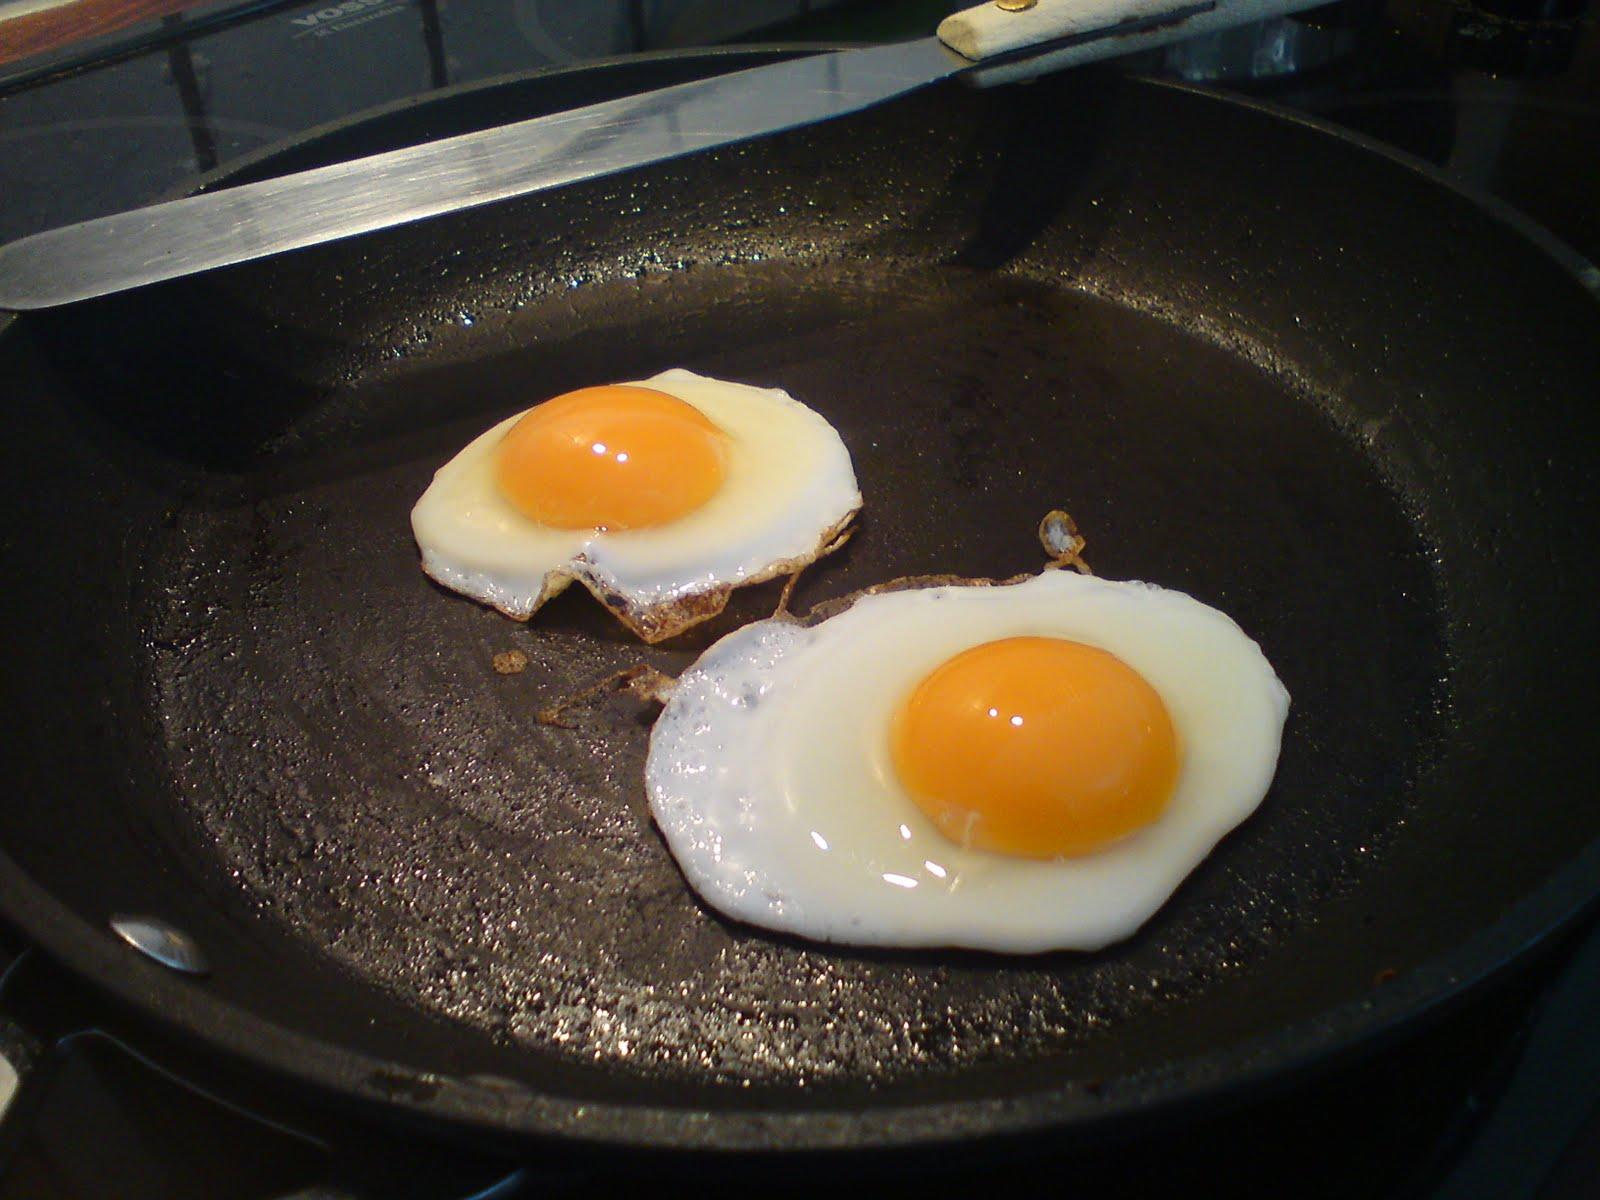 kan spejlæg holdes varm i ovn